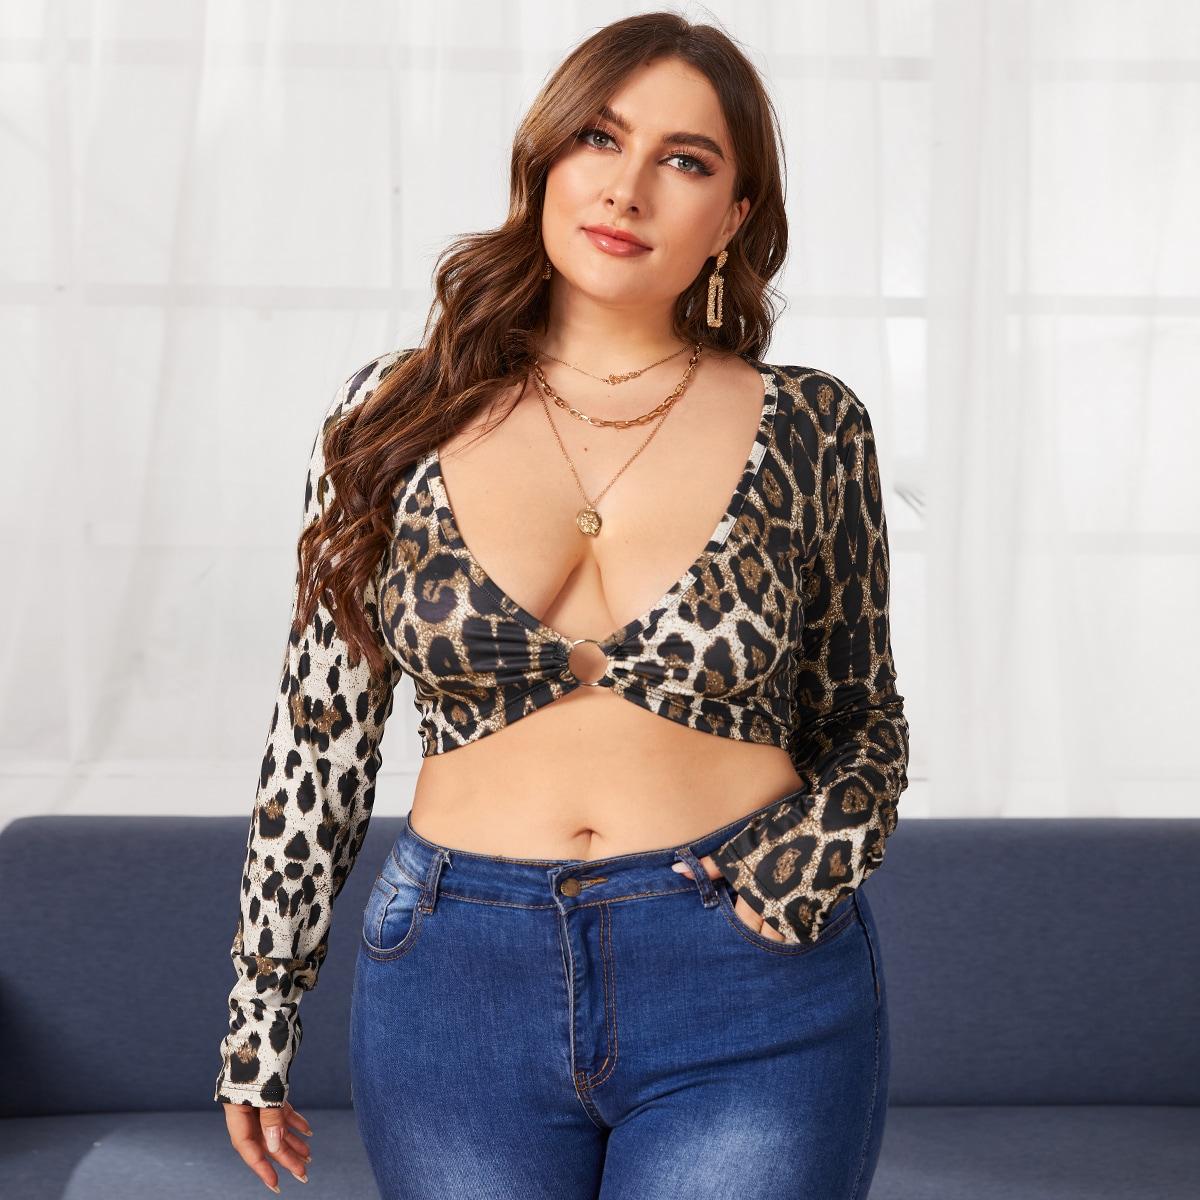 Многоцветный Галстук на спине Леопард Сексуальный Женские топы размер плюс от SHEIN